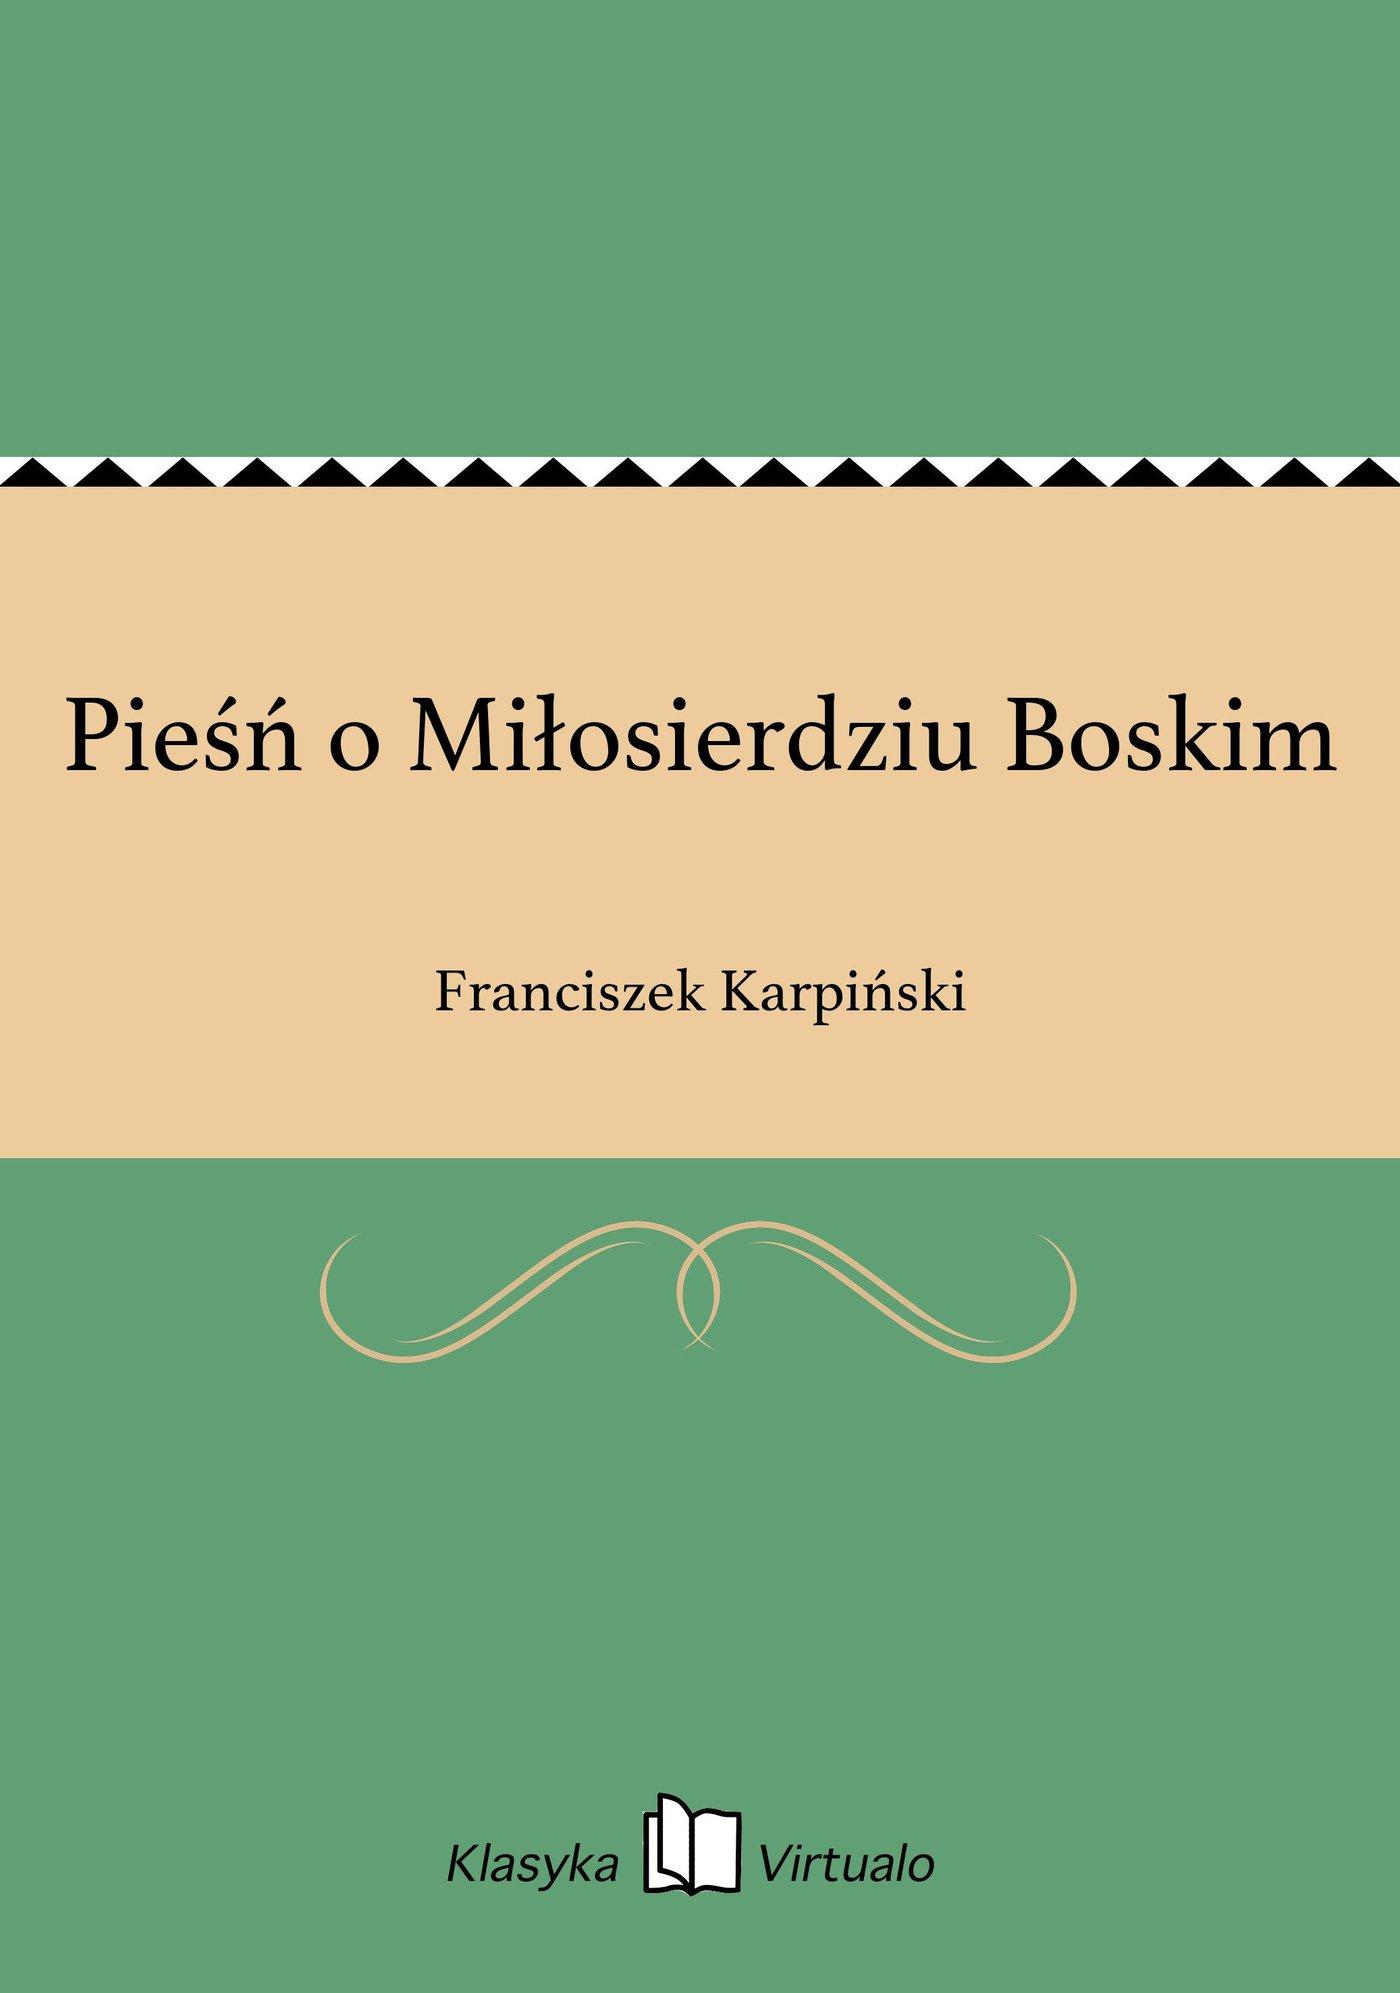 Pieśń o Miłosierdziu Boskim - Ebook (Książka EPUB) do pobrania w formacie EPUB